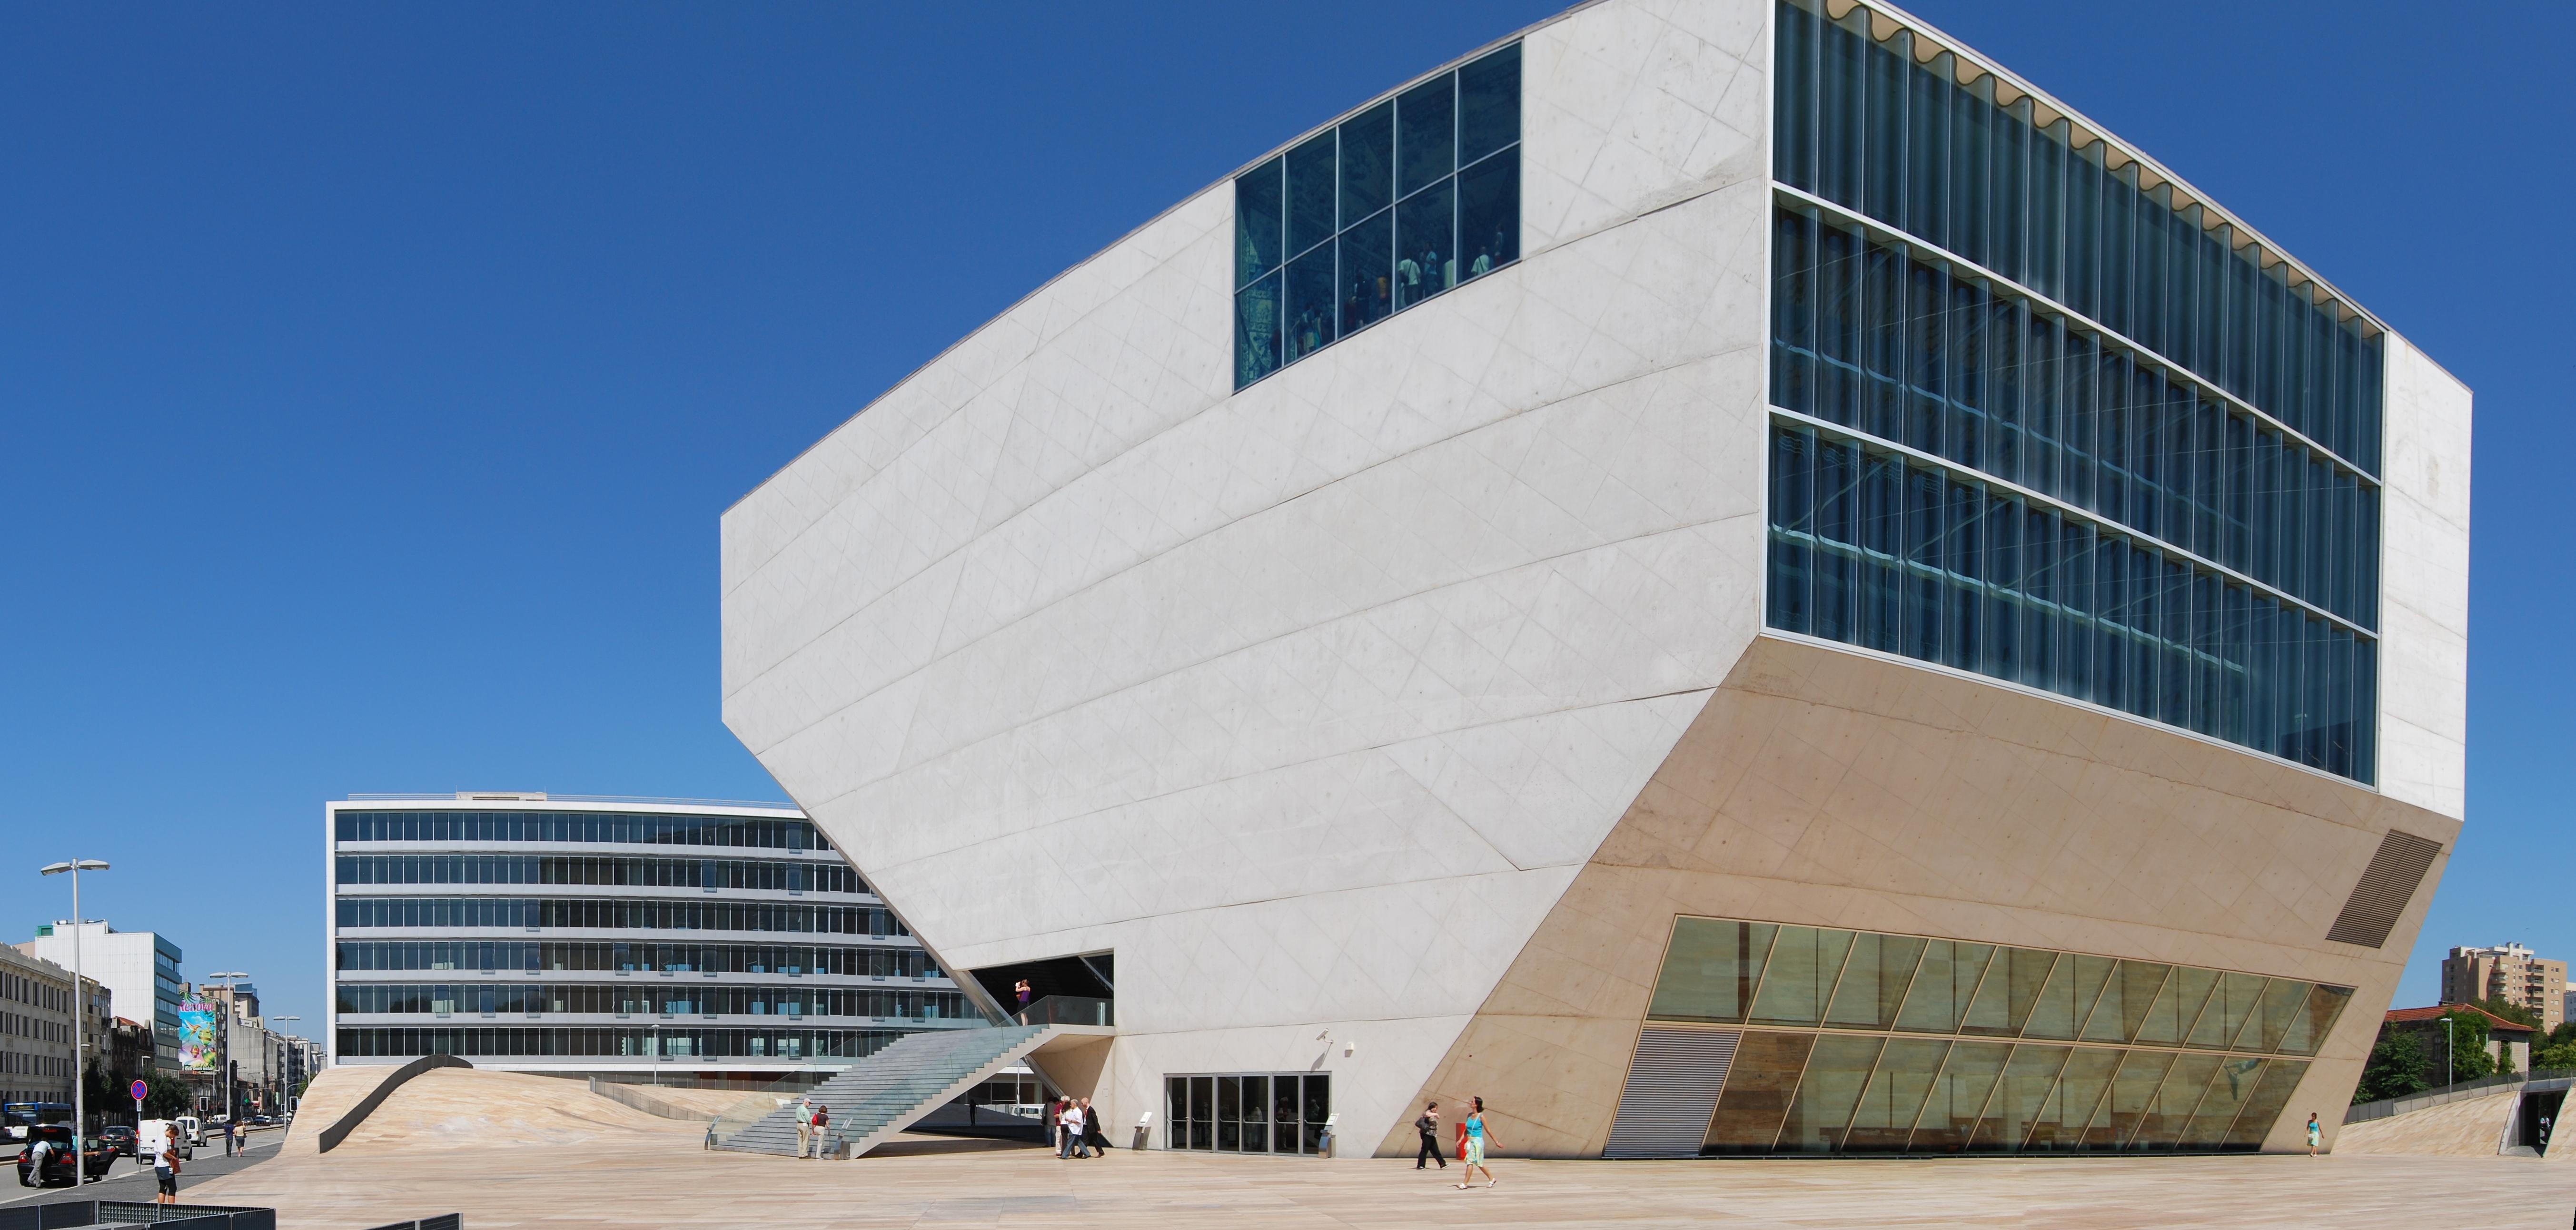 Exterior view of Casa da Musica